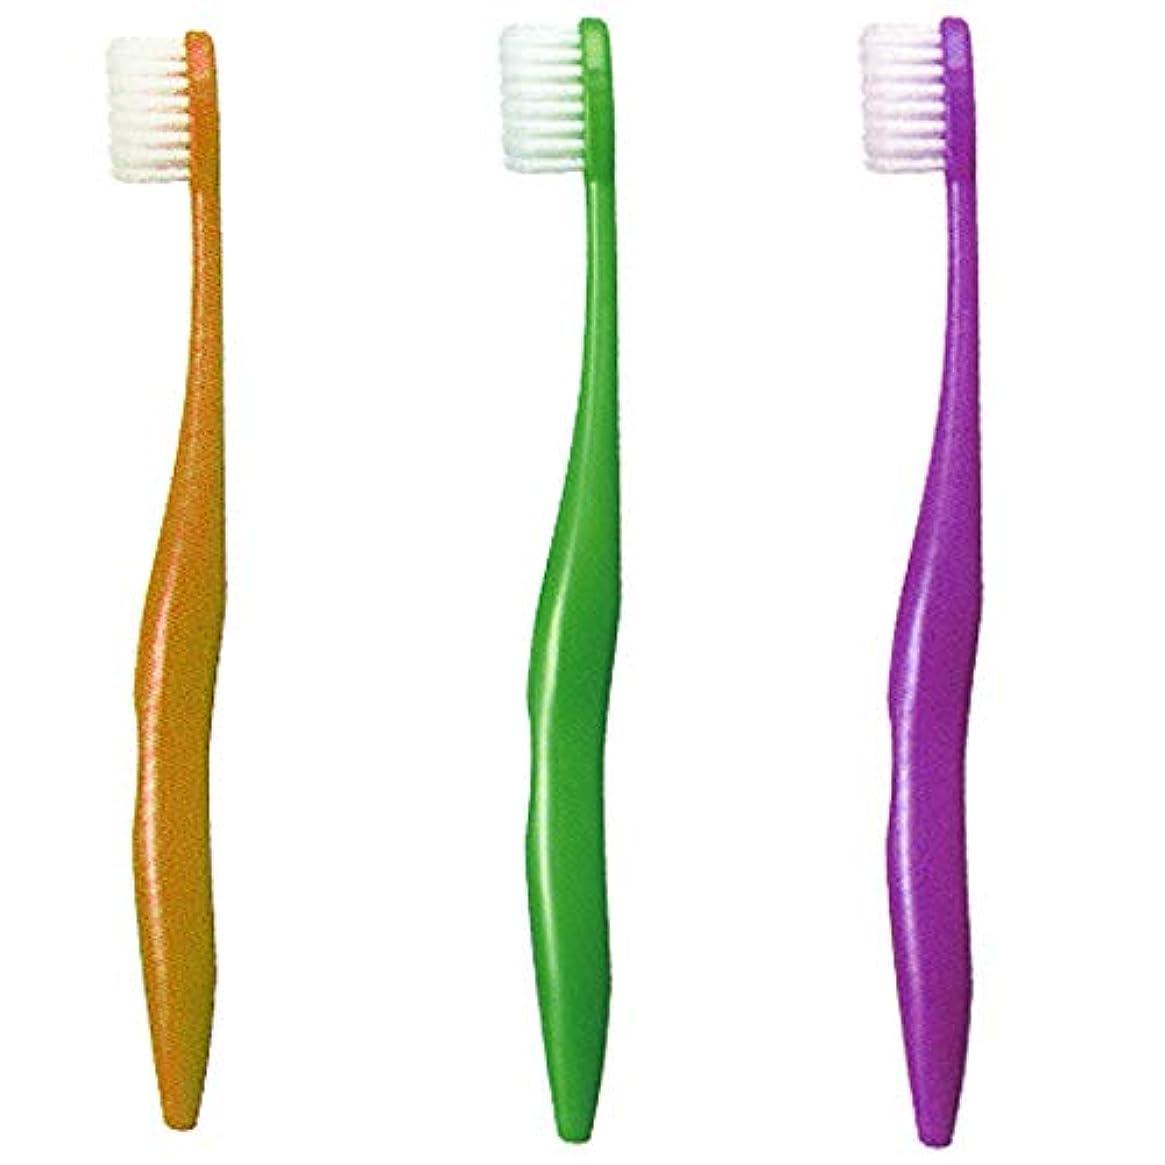 ポット毒植物の日本製 歯ブラシ ライカブル ミニ 12本【ライカブル】